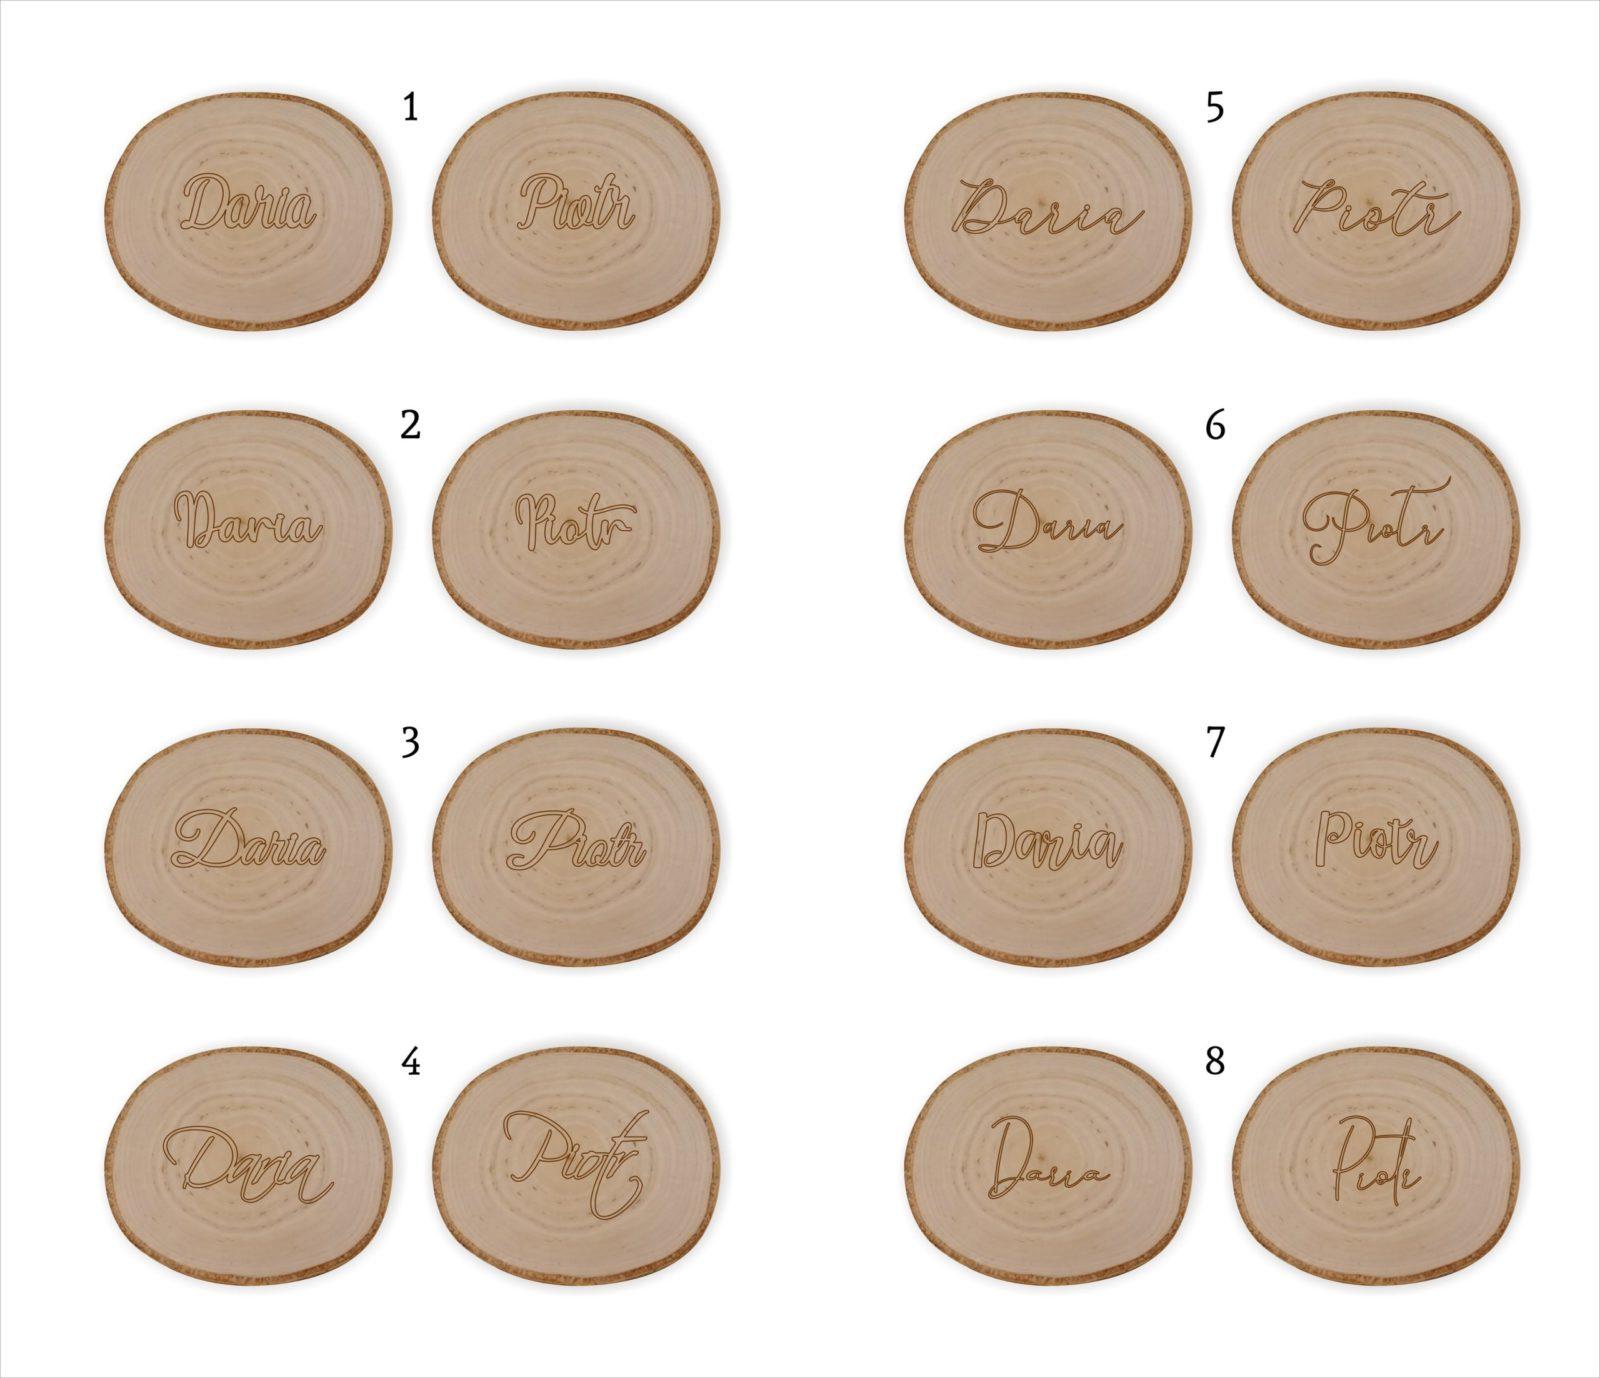 winietki na plastrze drewna kontur